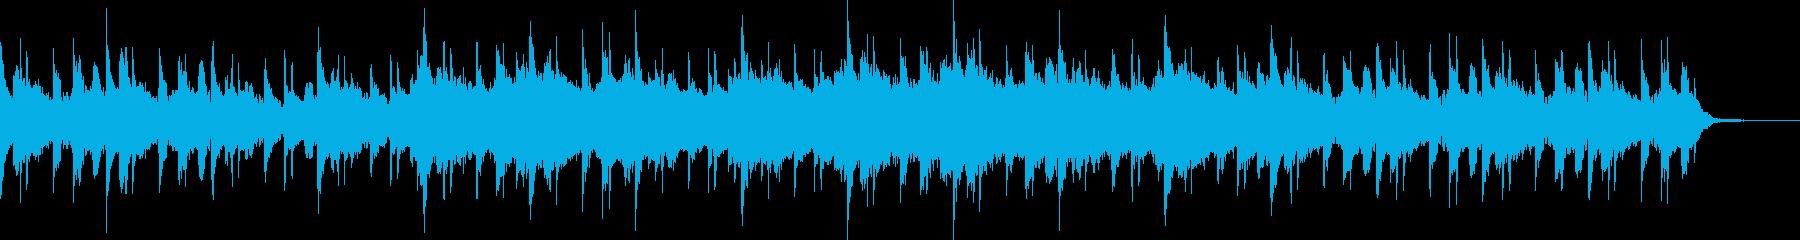 不安をあおるようなサスペンスホラーBGMの再生済みの波形